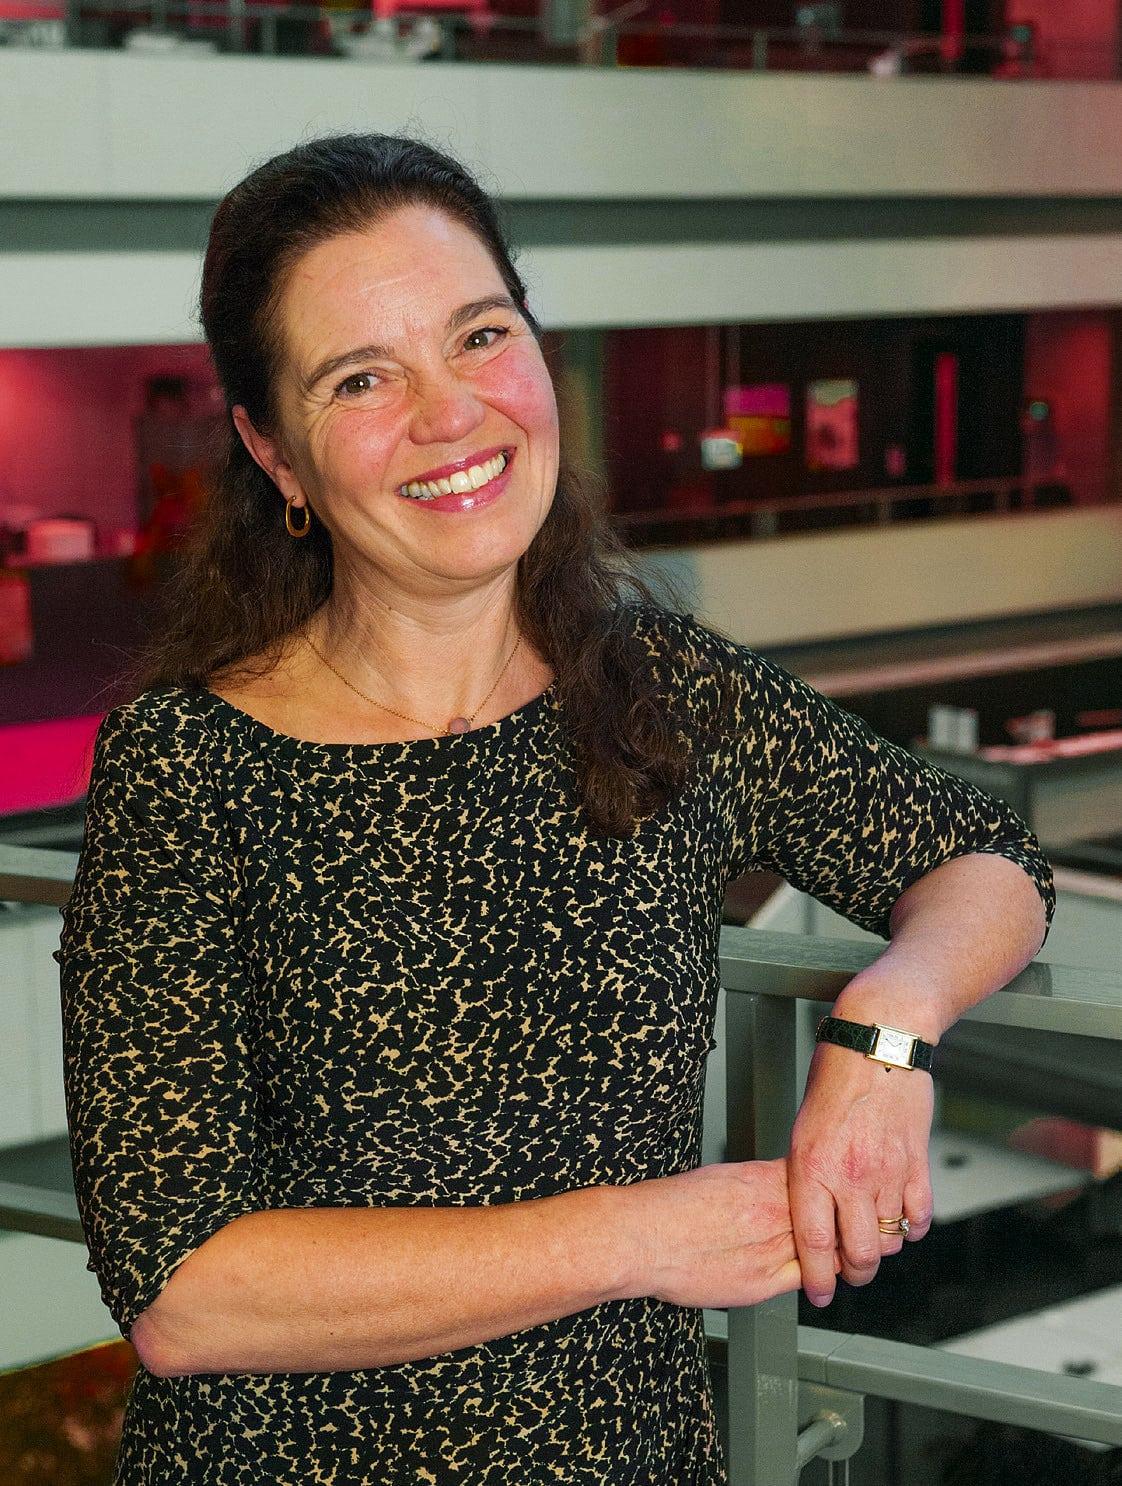 Aletta Kraneveld, Professorin für Pharmakologie an der Universität Utrecht